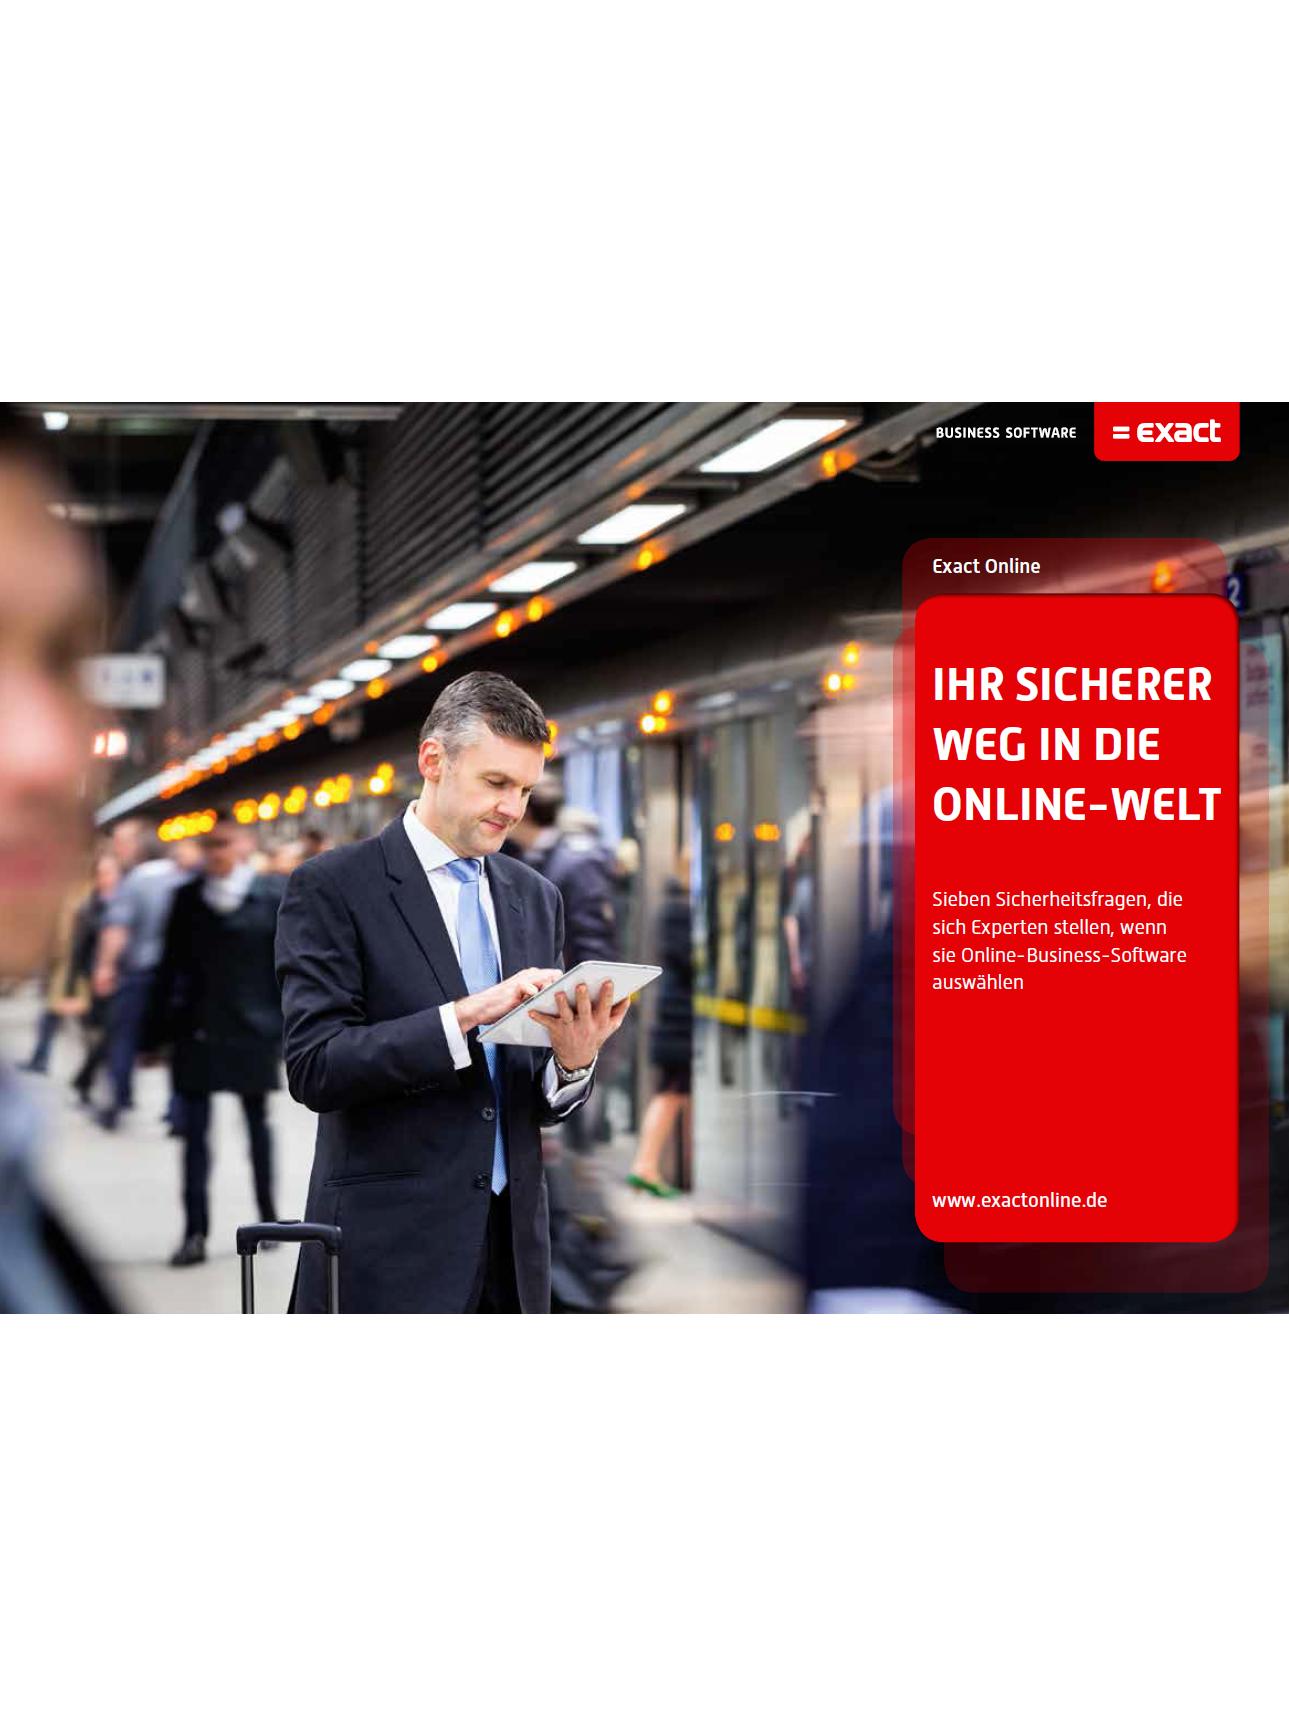 7 Sicherheitsfragen bei der Auswahl einer Online-Business-Software